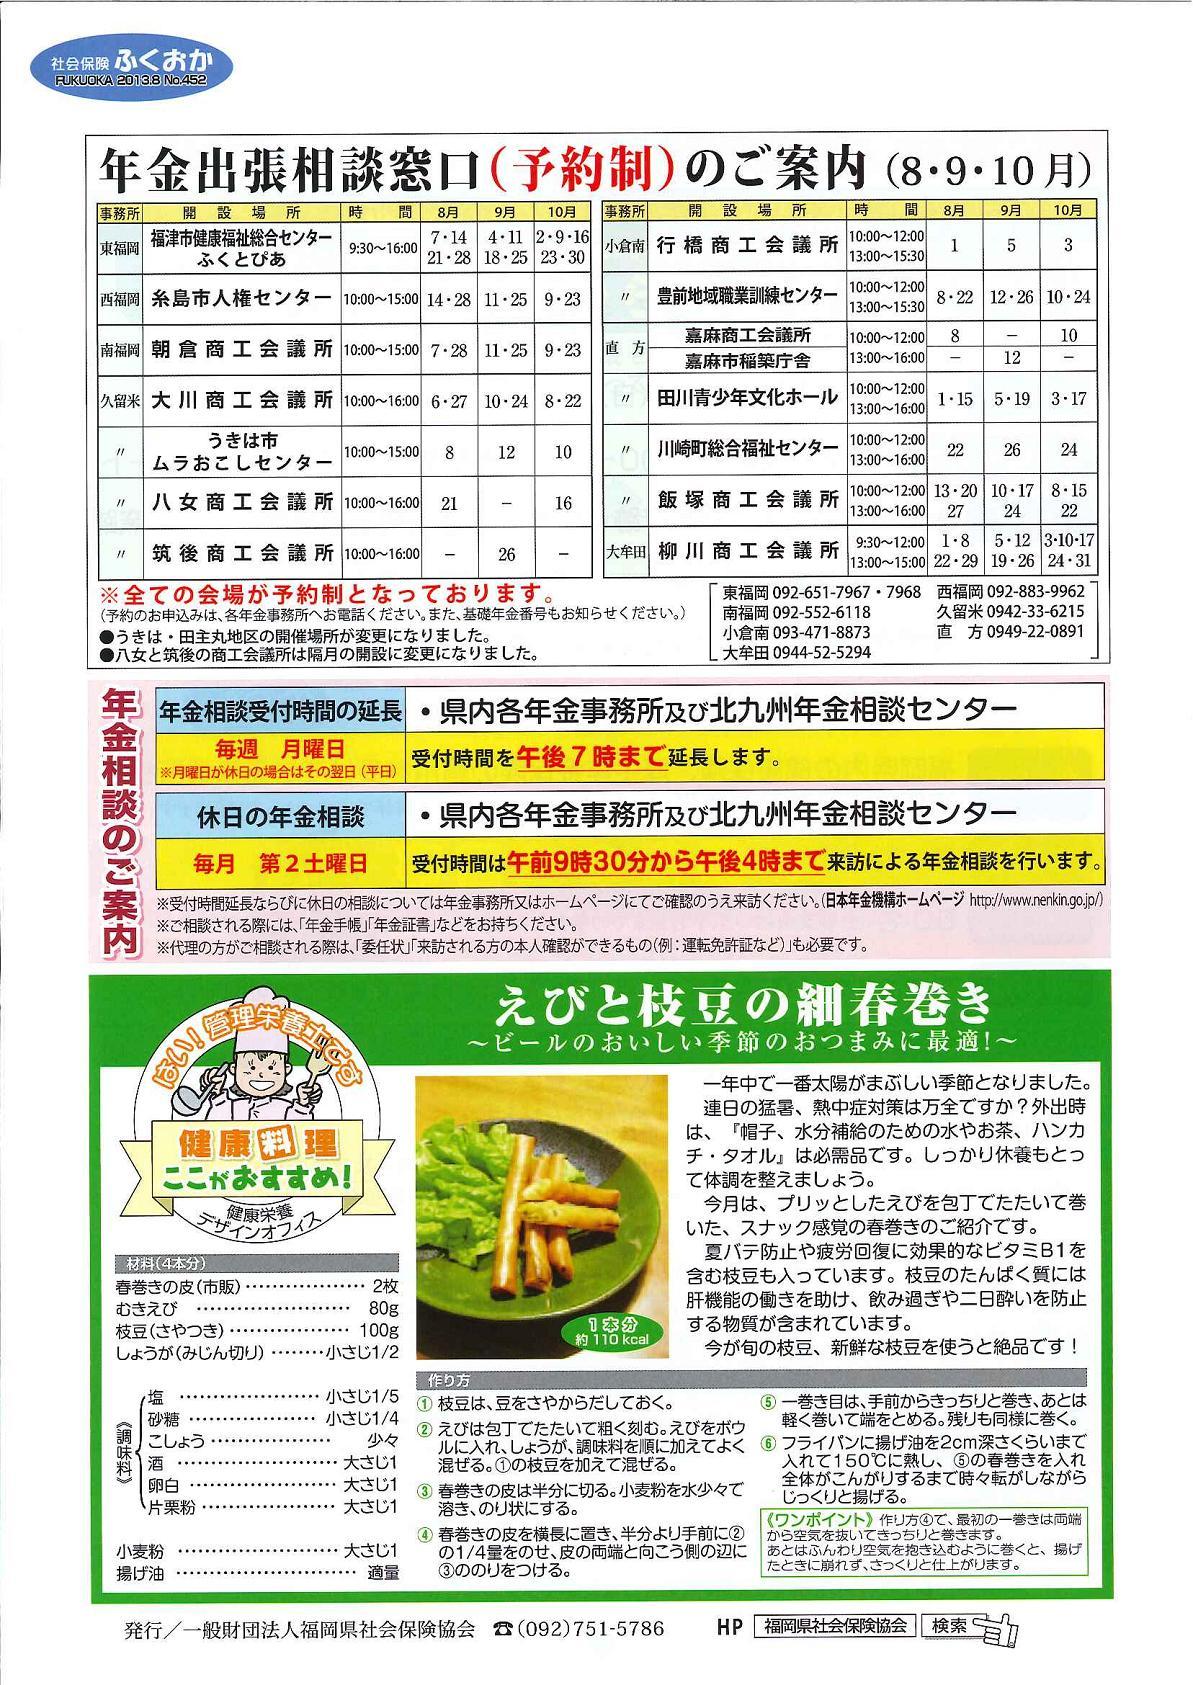 社会保険 ふくおか 2013年8月号_f0120774_14561621.jpg